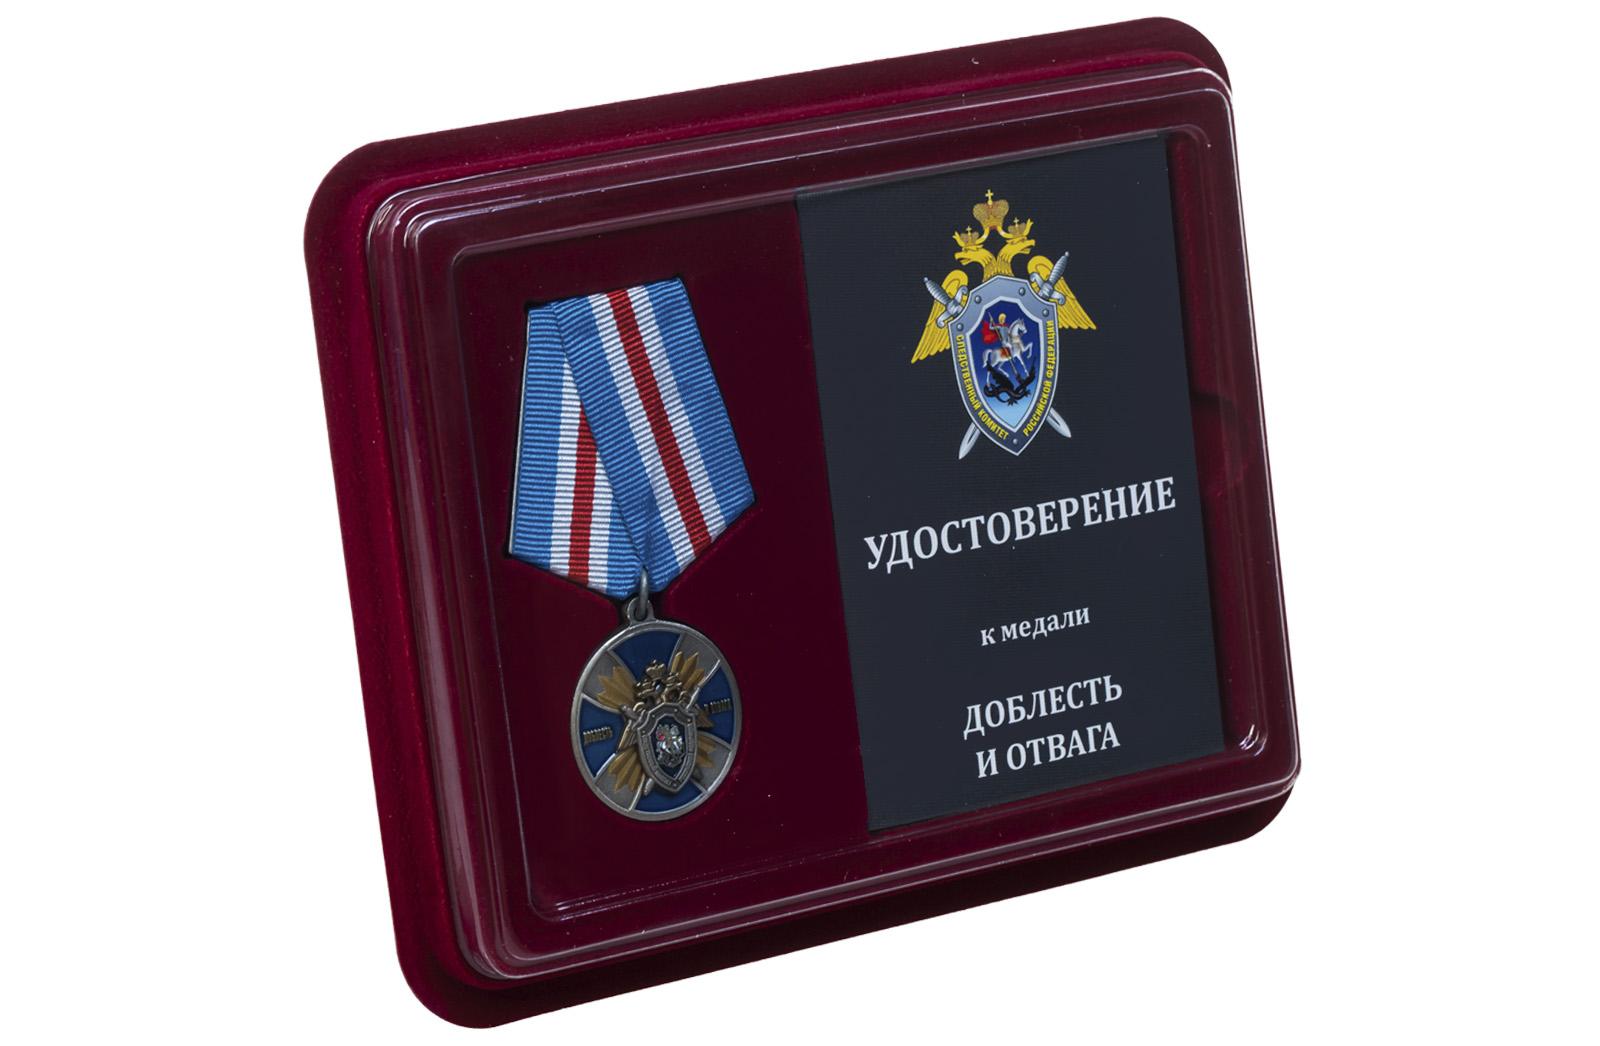 Купить медаль СК России Доблесть и отвага в подарок мужчине